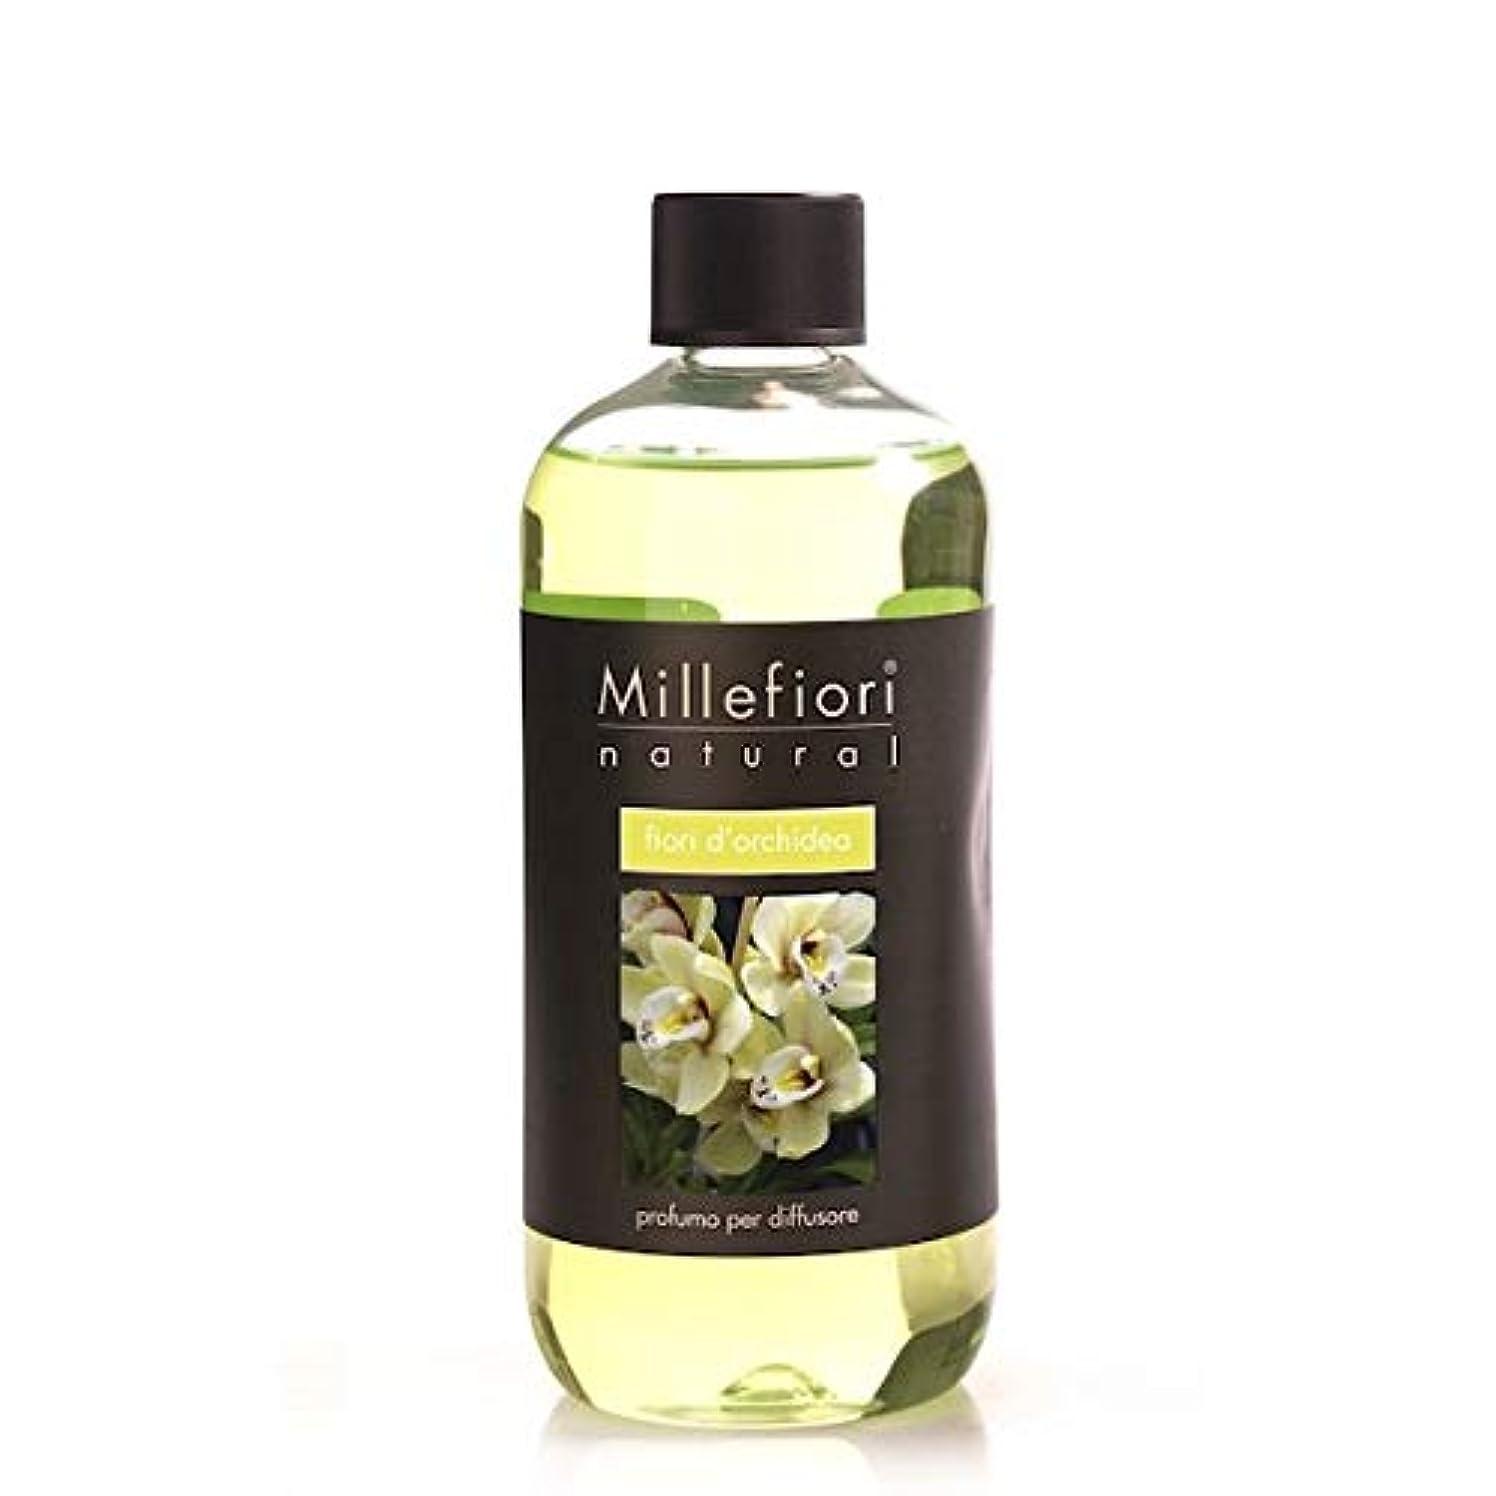 インポート自伝火薬ミッレフィオーリ(Millefiori) Natural オーキッド(FIORI DI ORCHIDEA) 交換用リフィル500ml [並行輸入品]